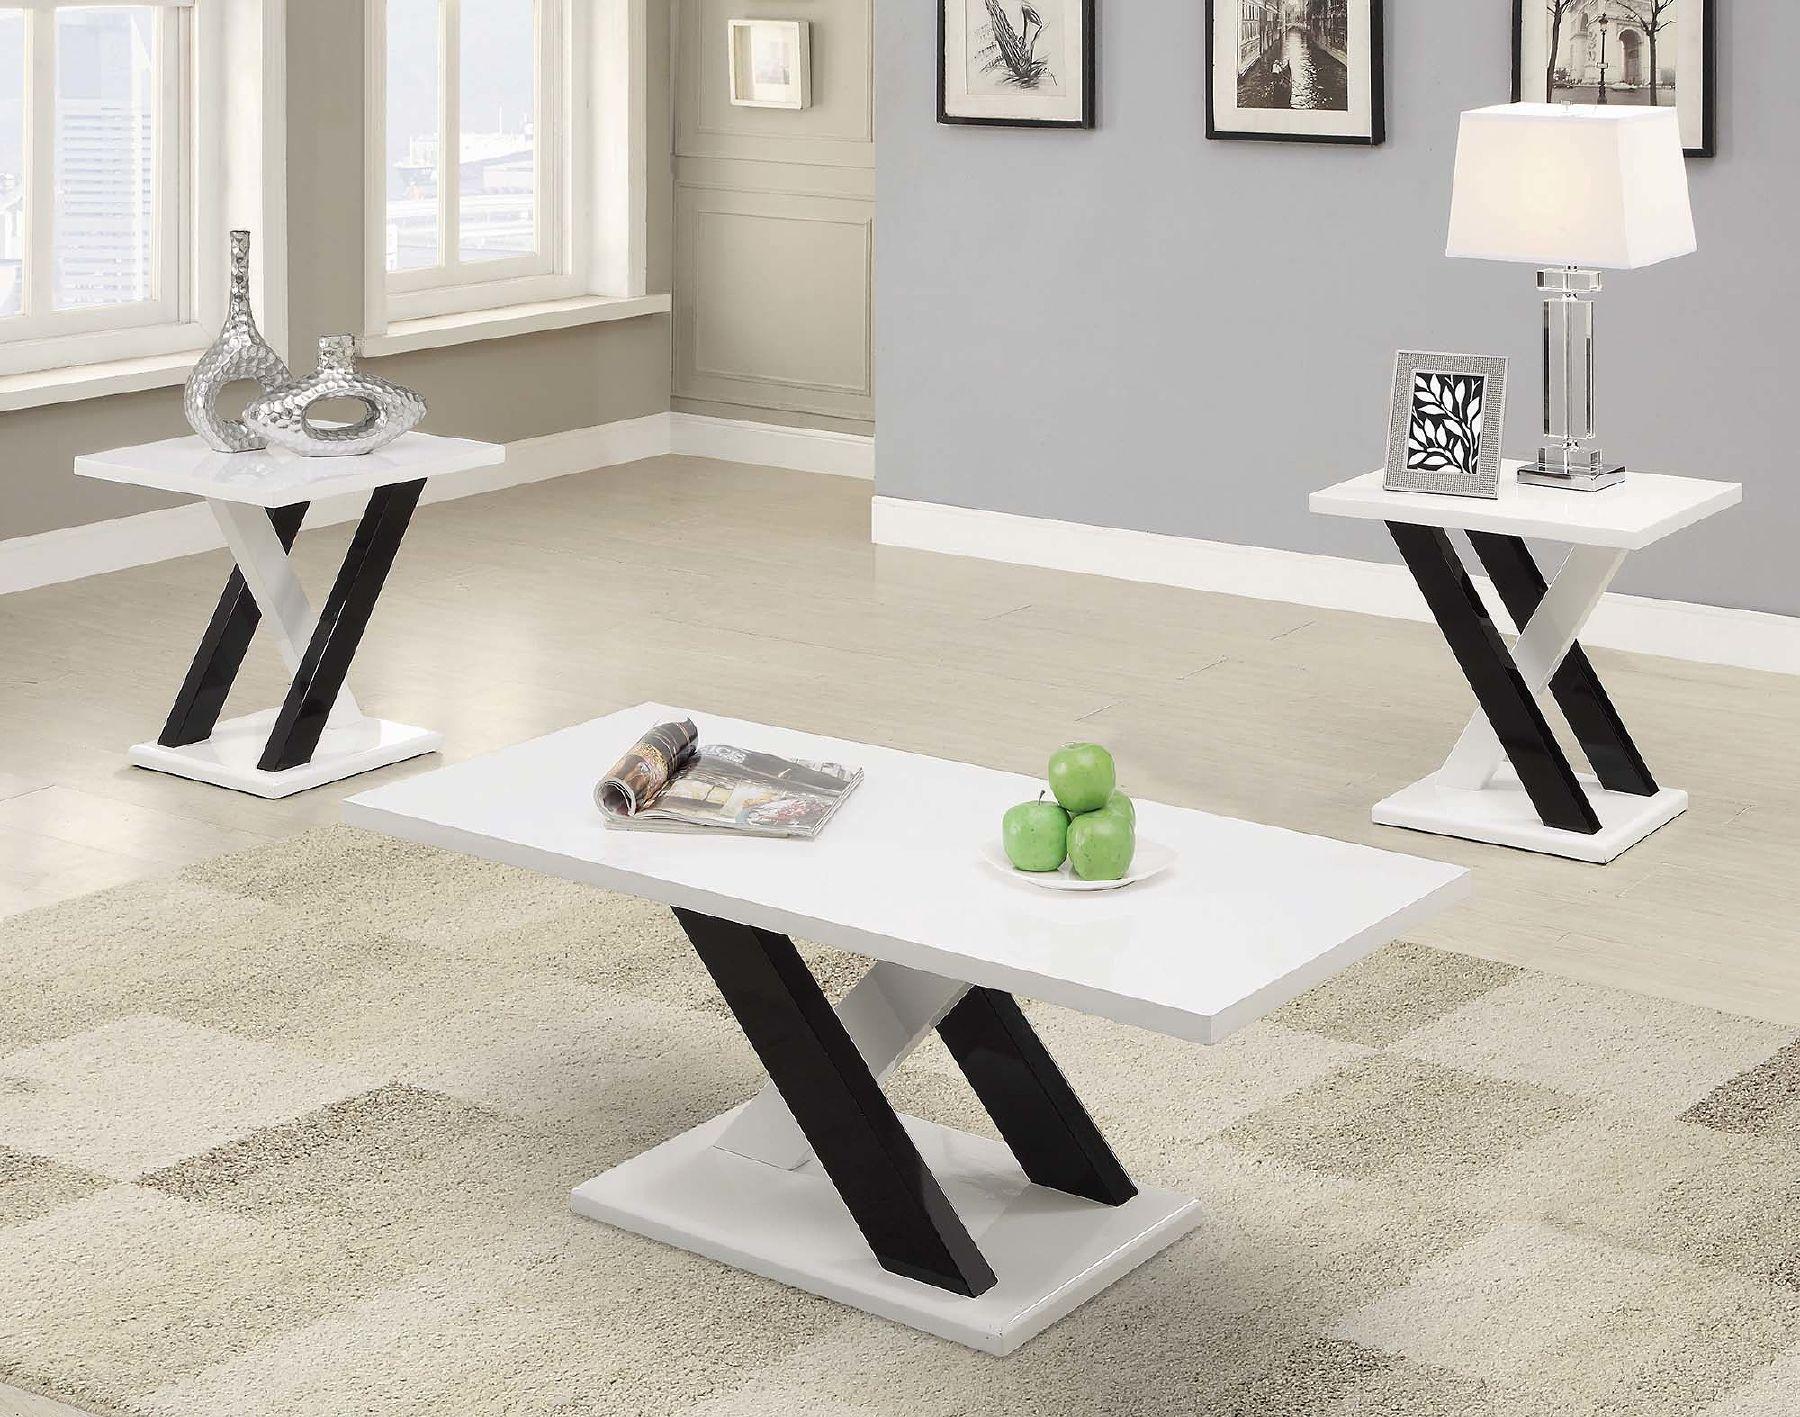 Cs011 Coffee Table 701011 Coaster Furniture Coffee Tables In 2021 Coffee Table End Table Set Coffee Table 3 Piece Coffee Table Set [ 1417 x 1800 Pixel ]